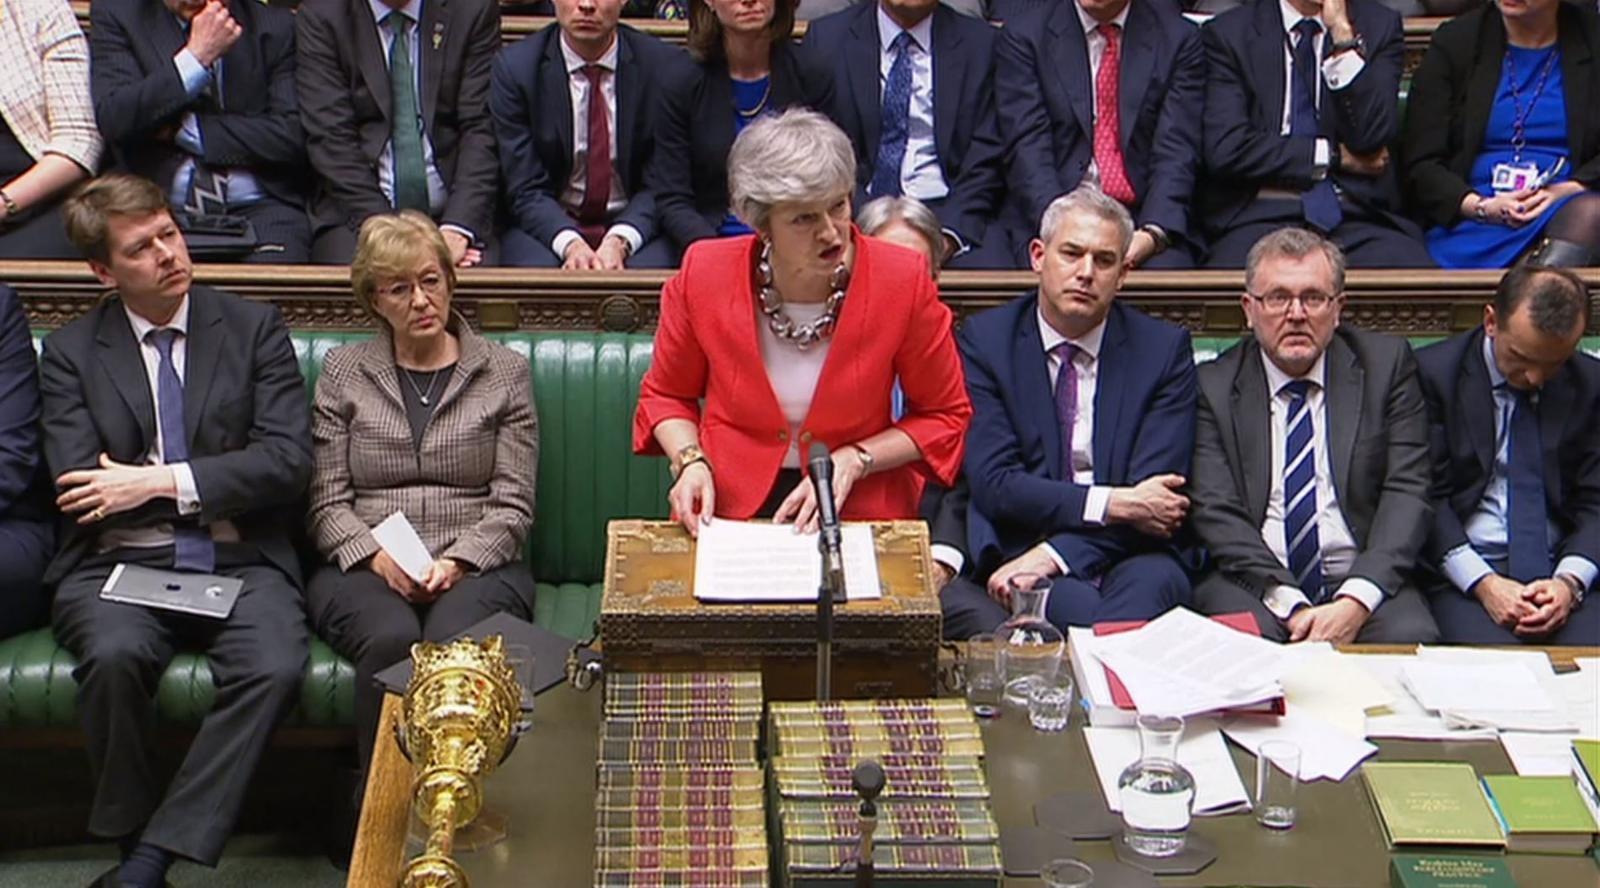 Theresa May Vir:Pixsell